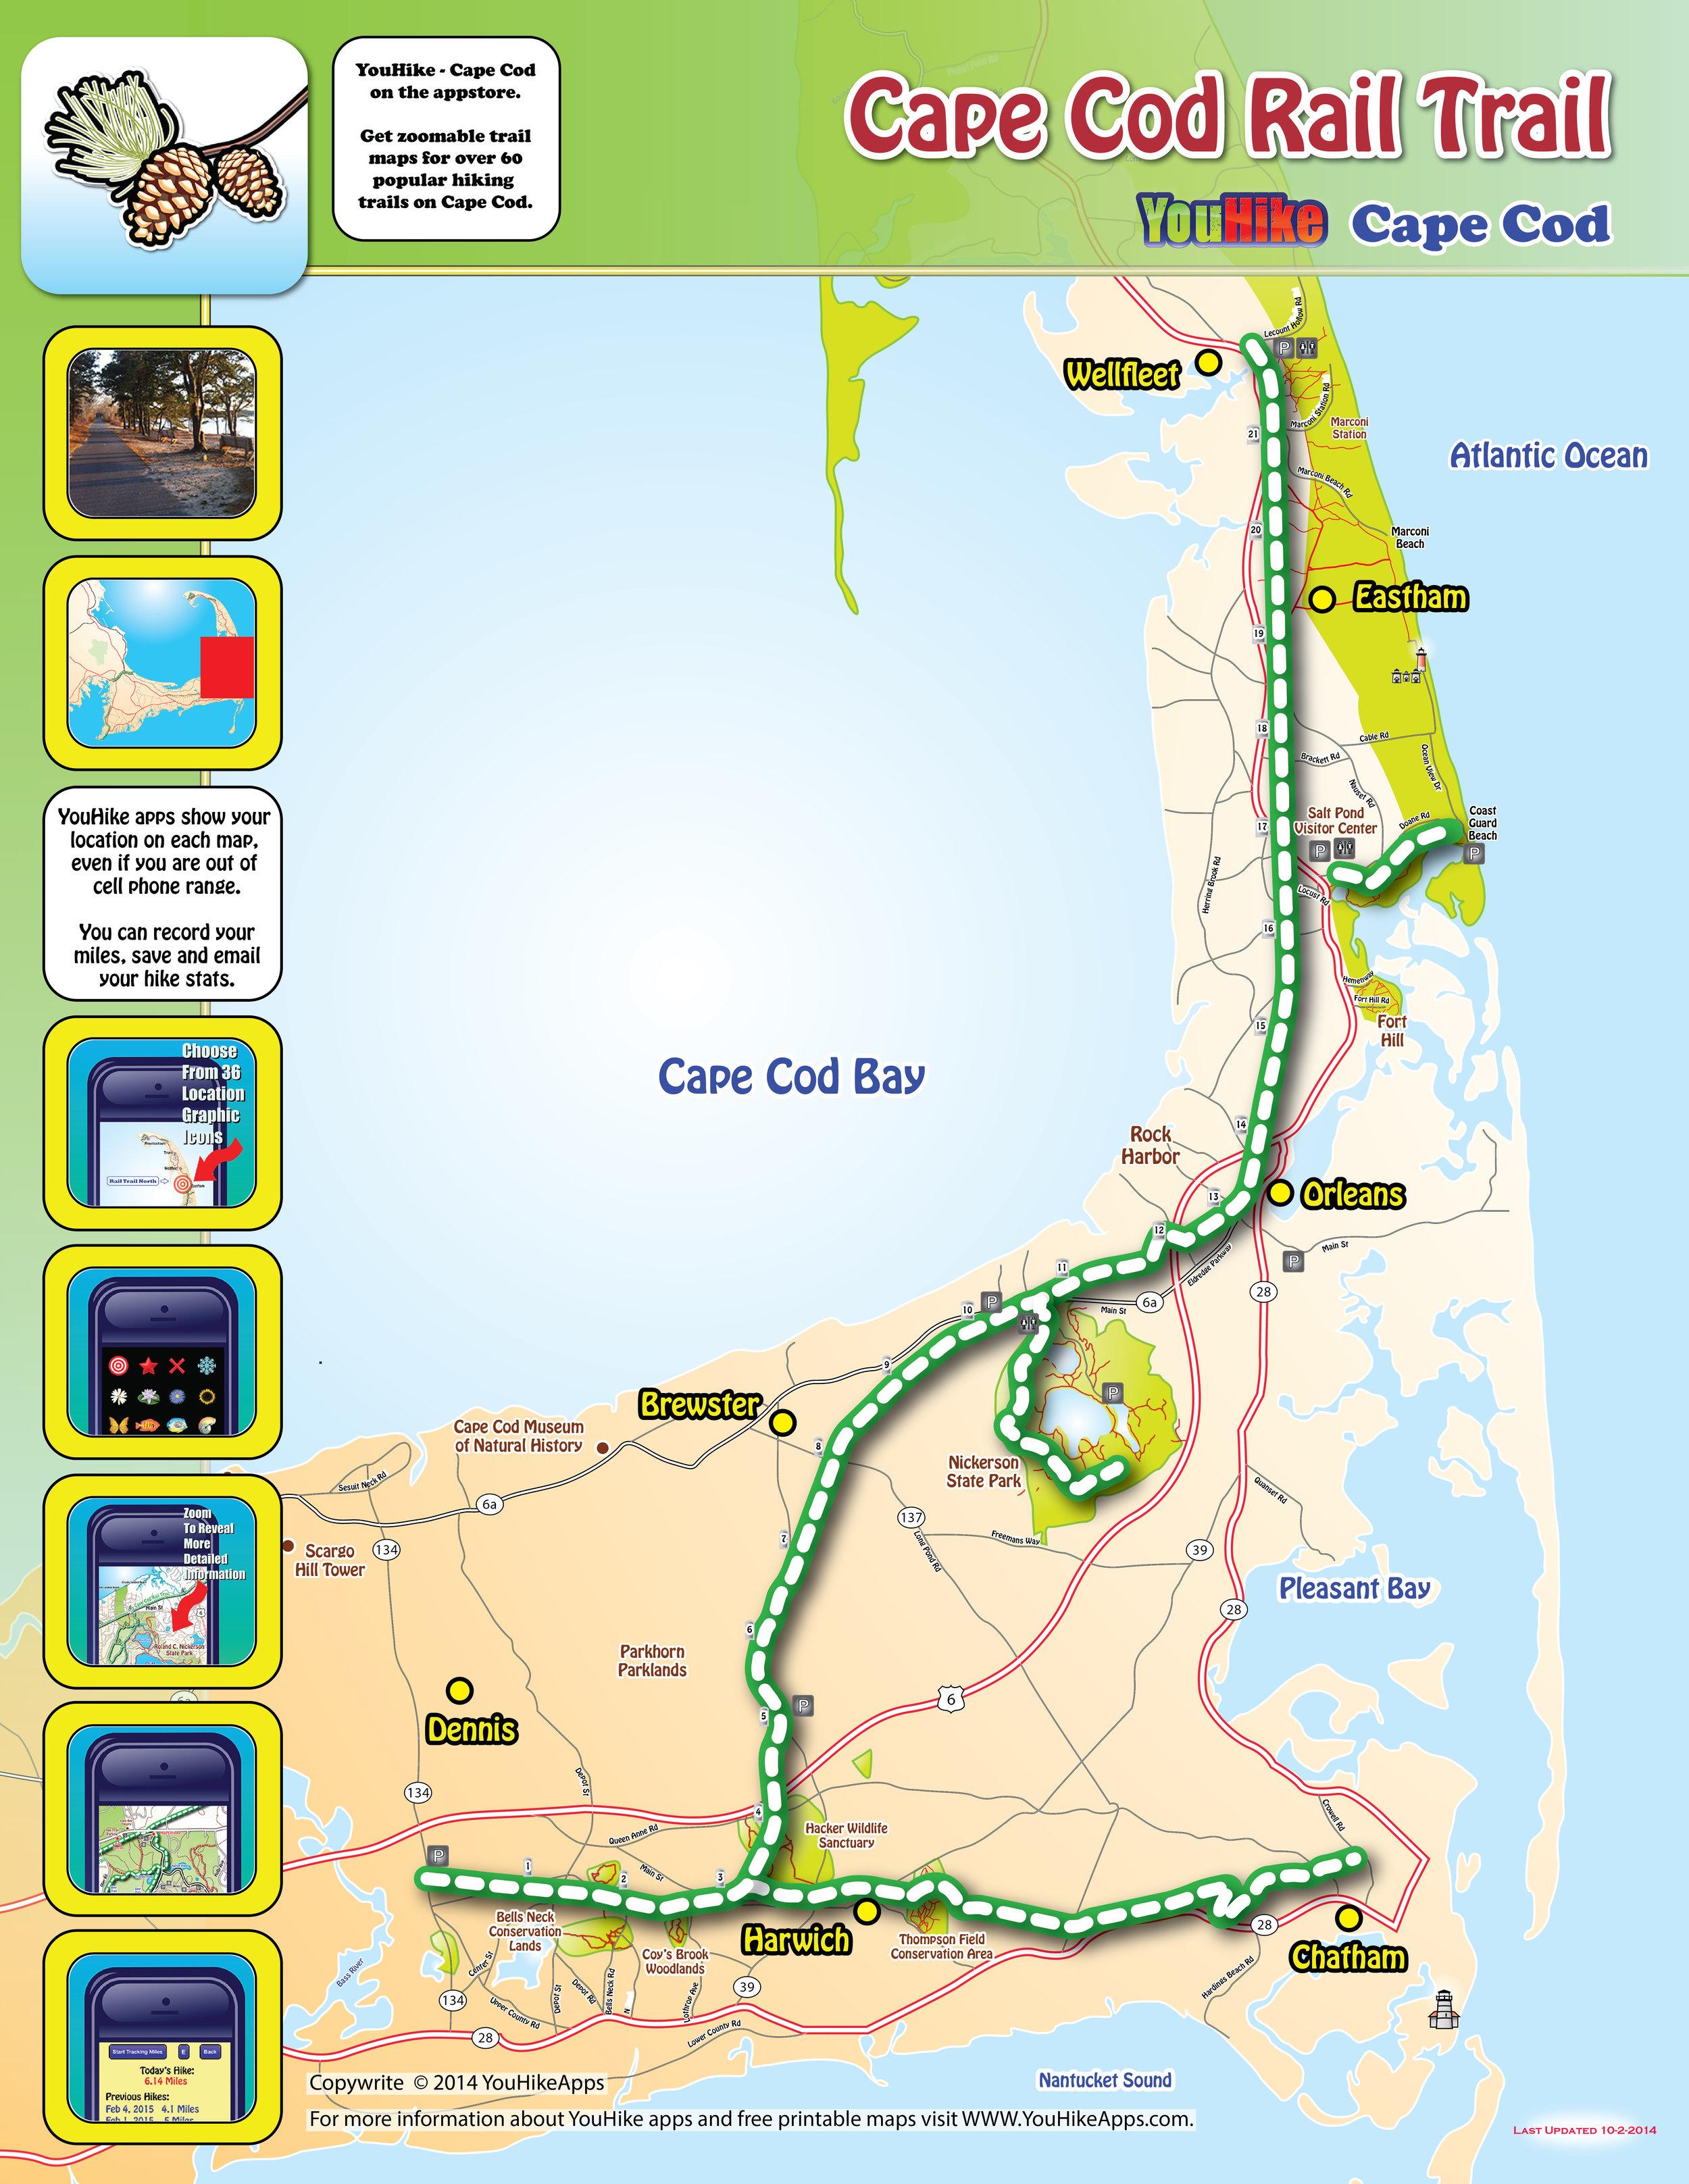 YouHike_CapeCod__RailTrailFull__Map_JPEG_Color.jpg